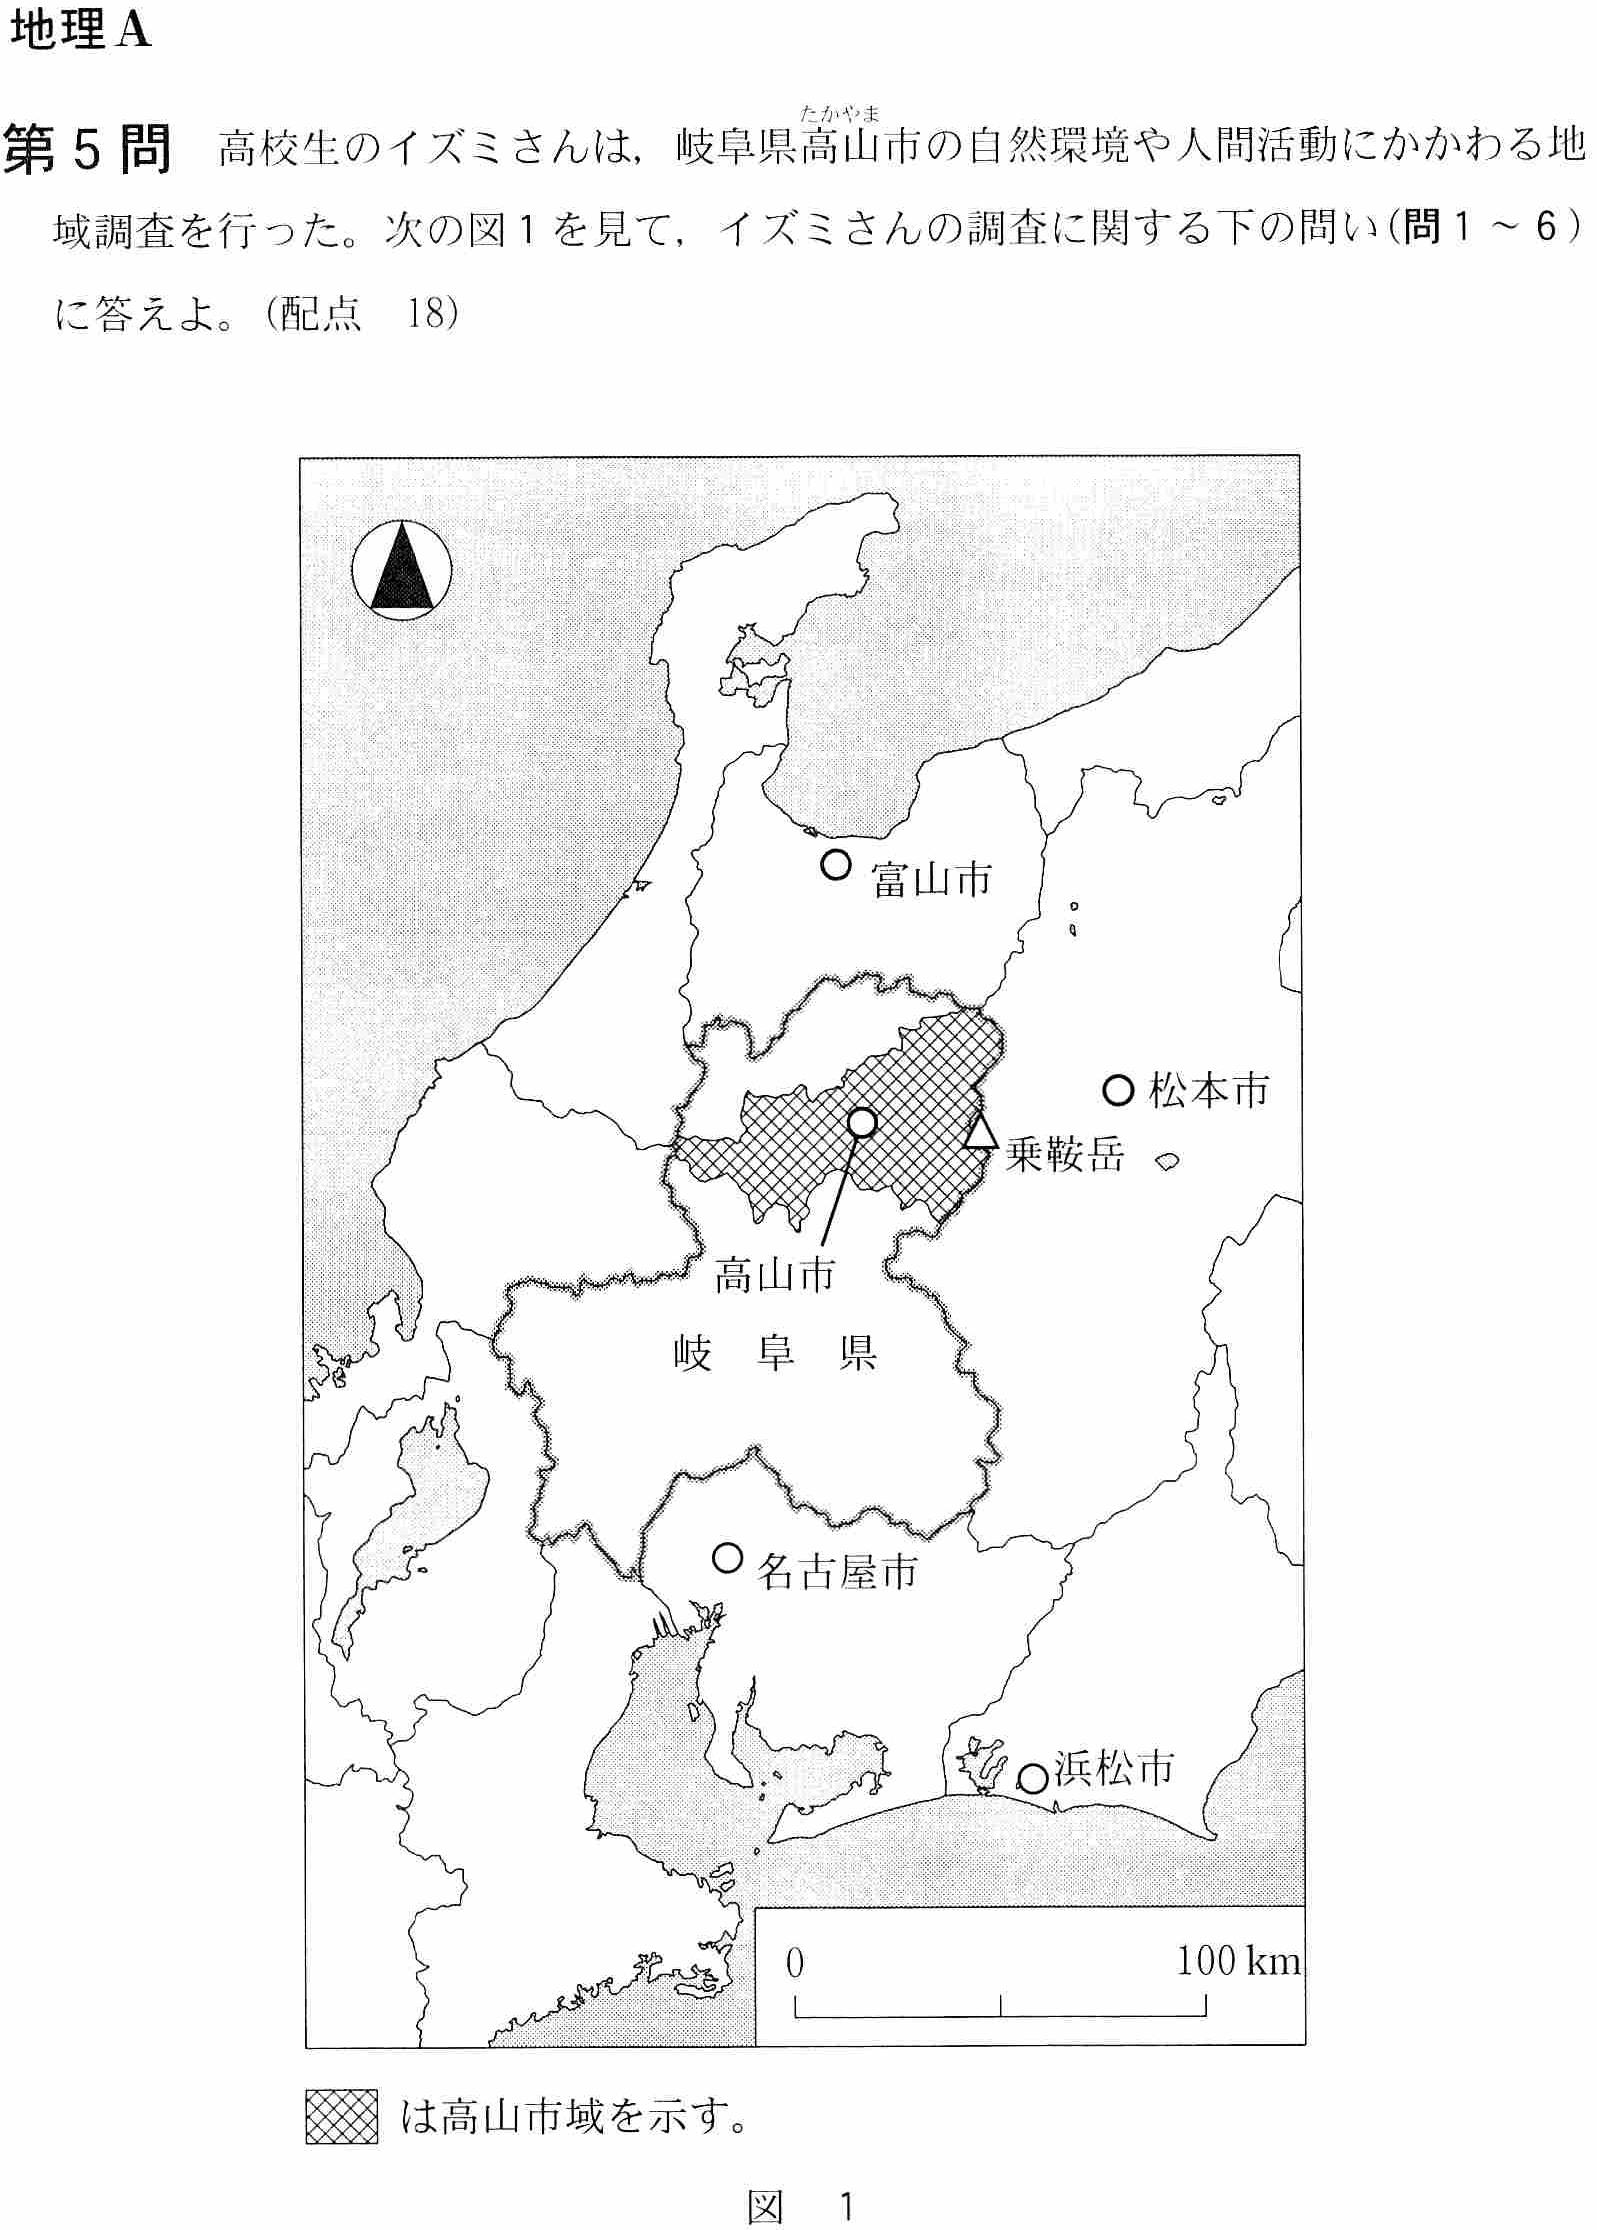 センター試験2018の富山関連問題(地理AB)1